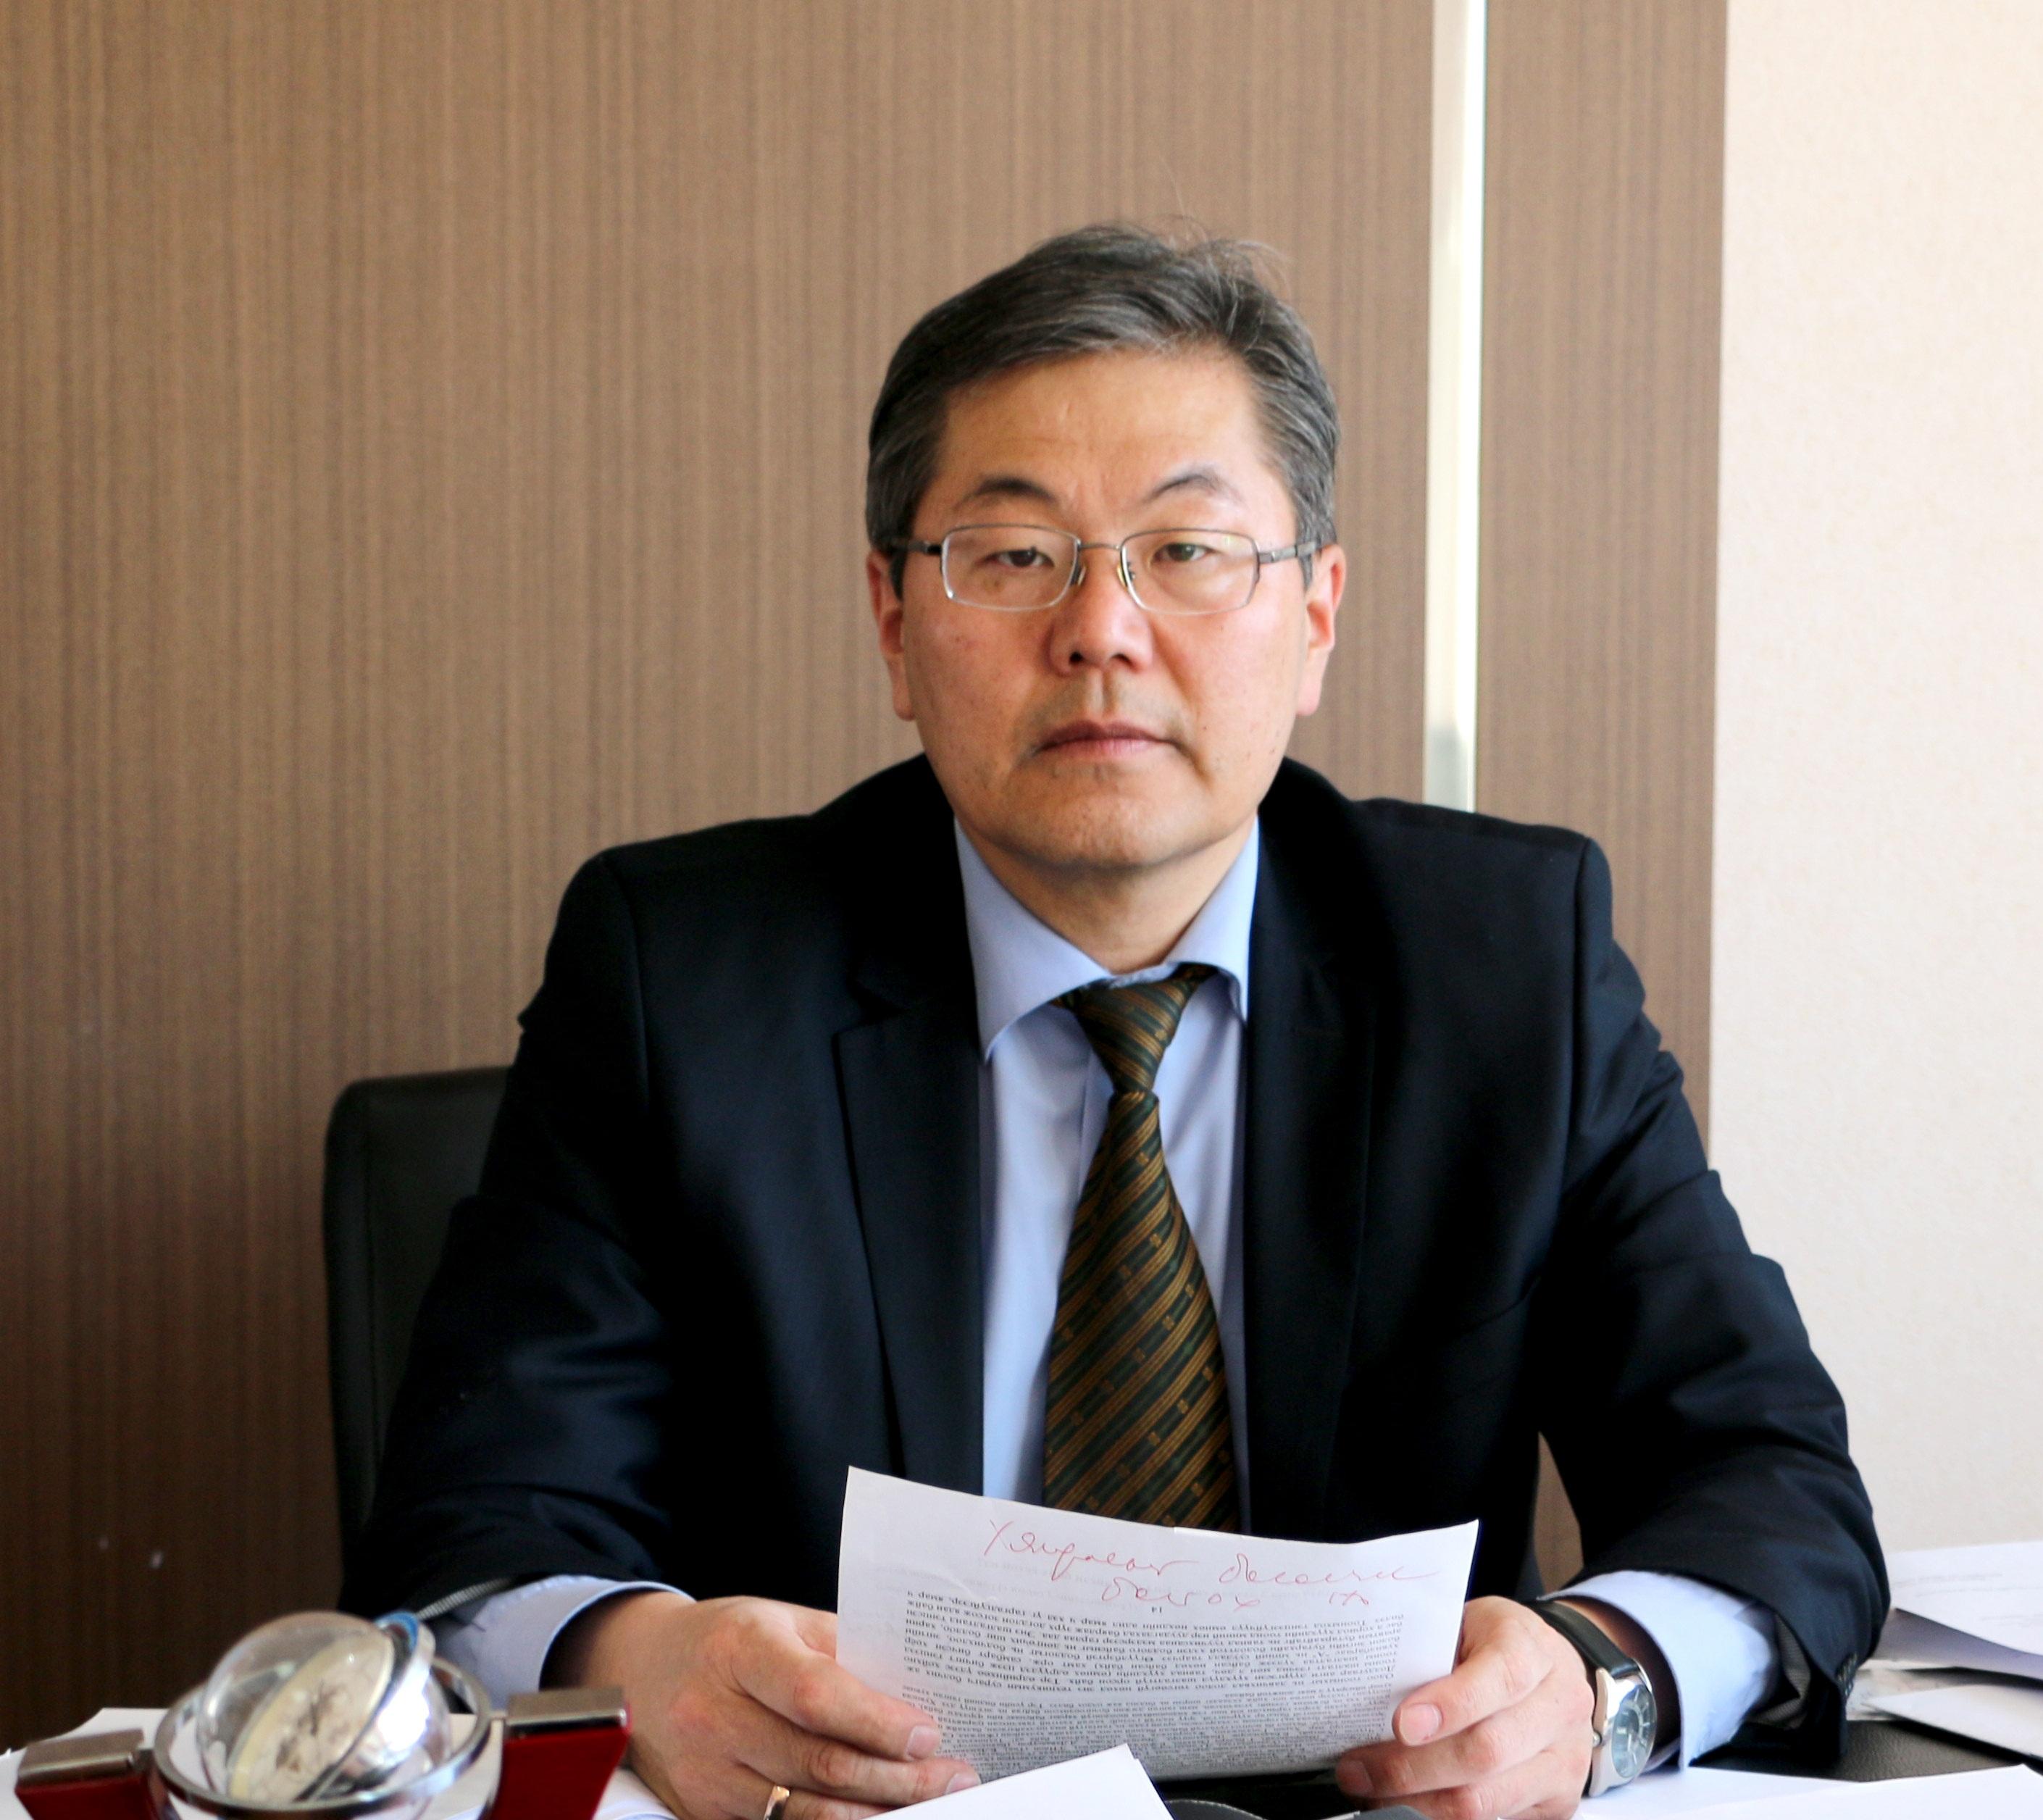 Л.Энх-Амгалан: Төвийн 6 дүүрэгт салбараа байгууллаа